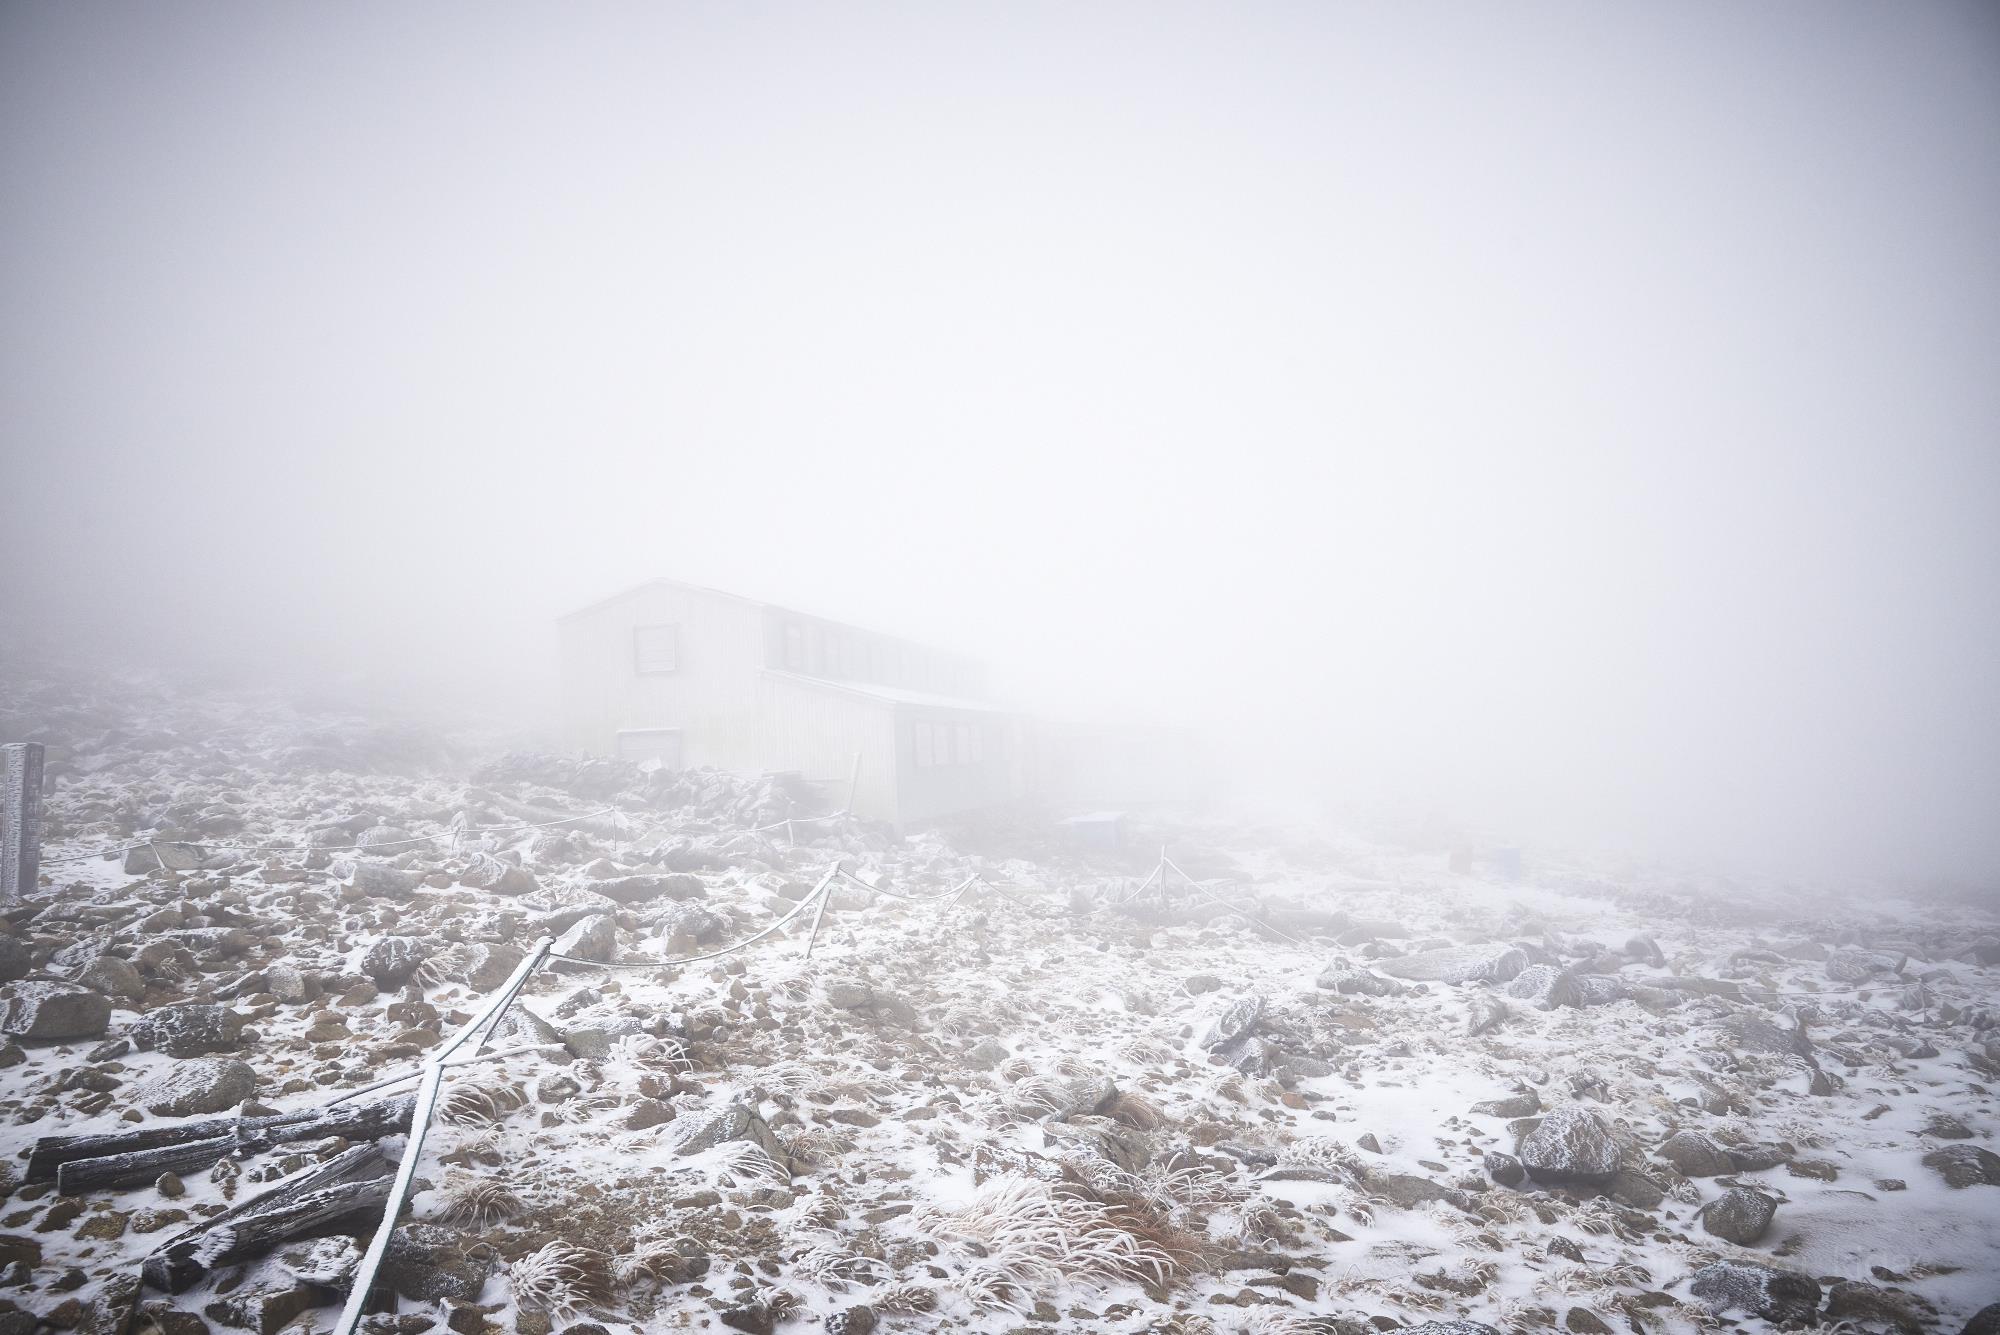 雪の木曽駒ヶ岳の駒ヶ岳頂上山荘